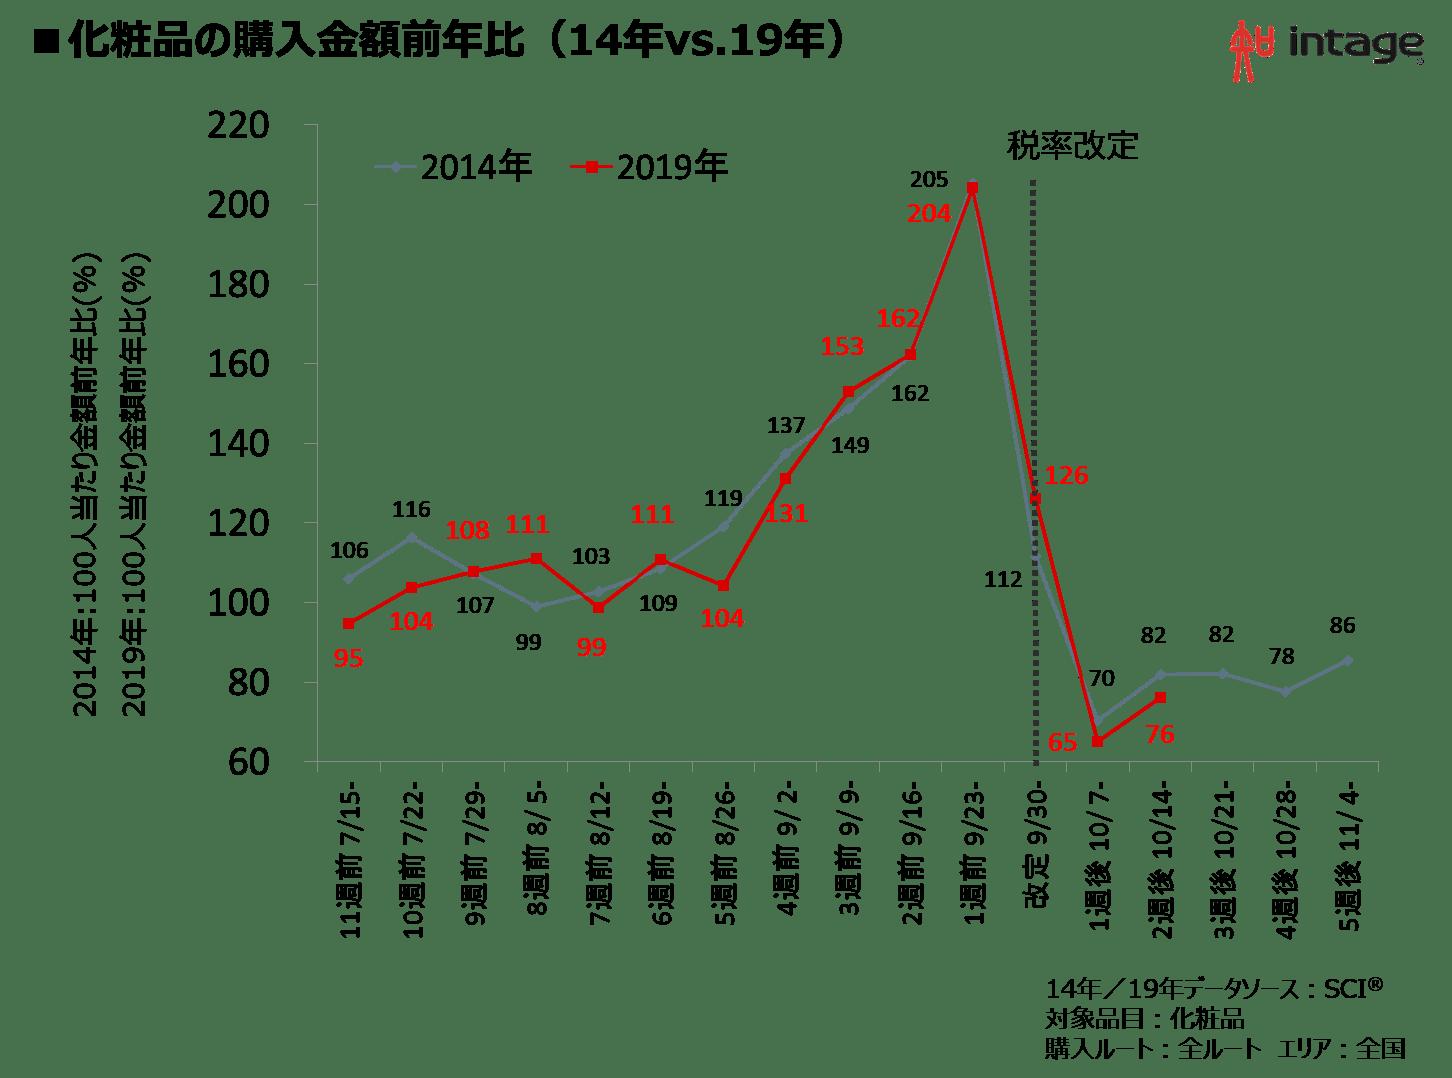 化粧品の購入金額前年比(14年vs.19年)